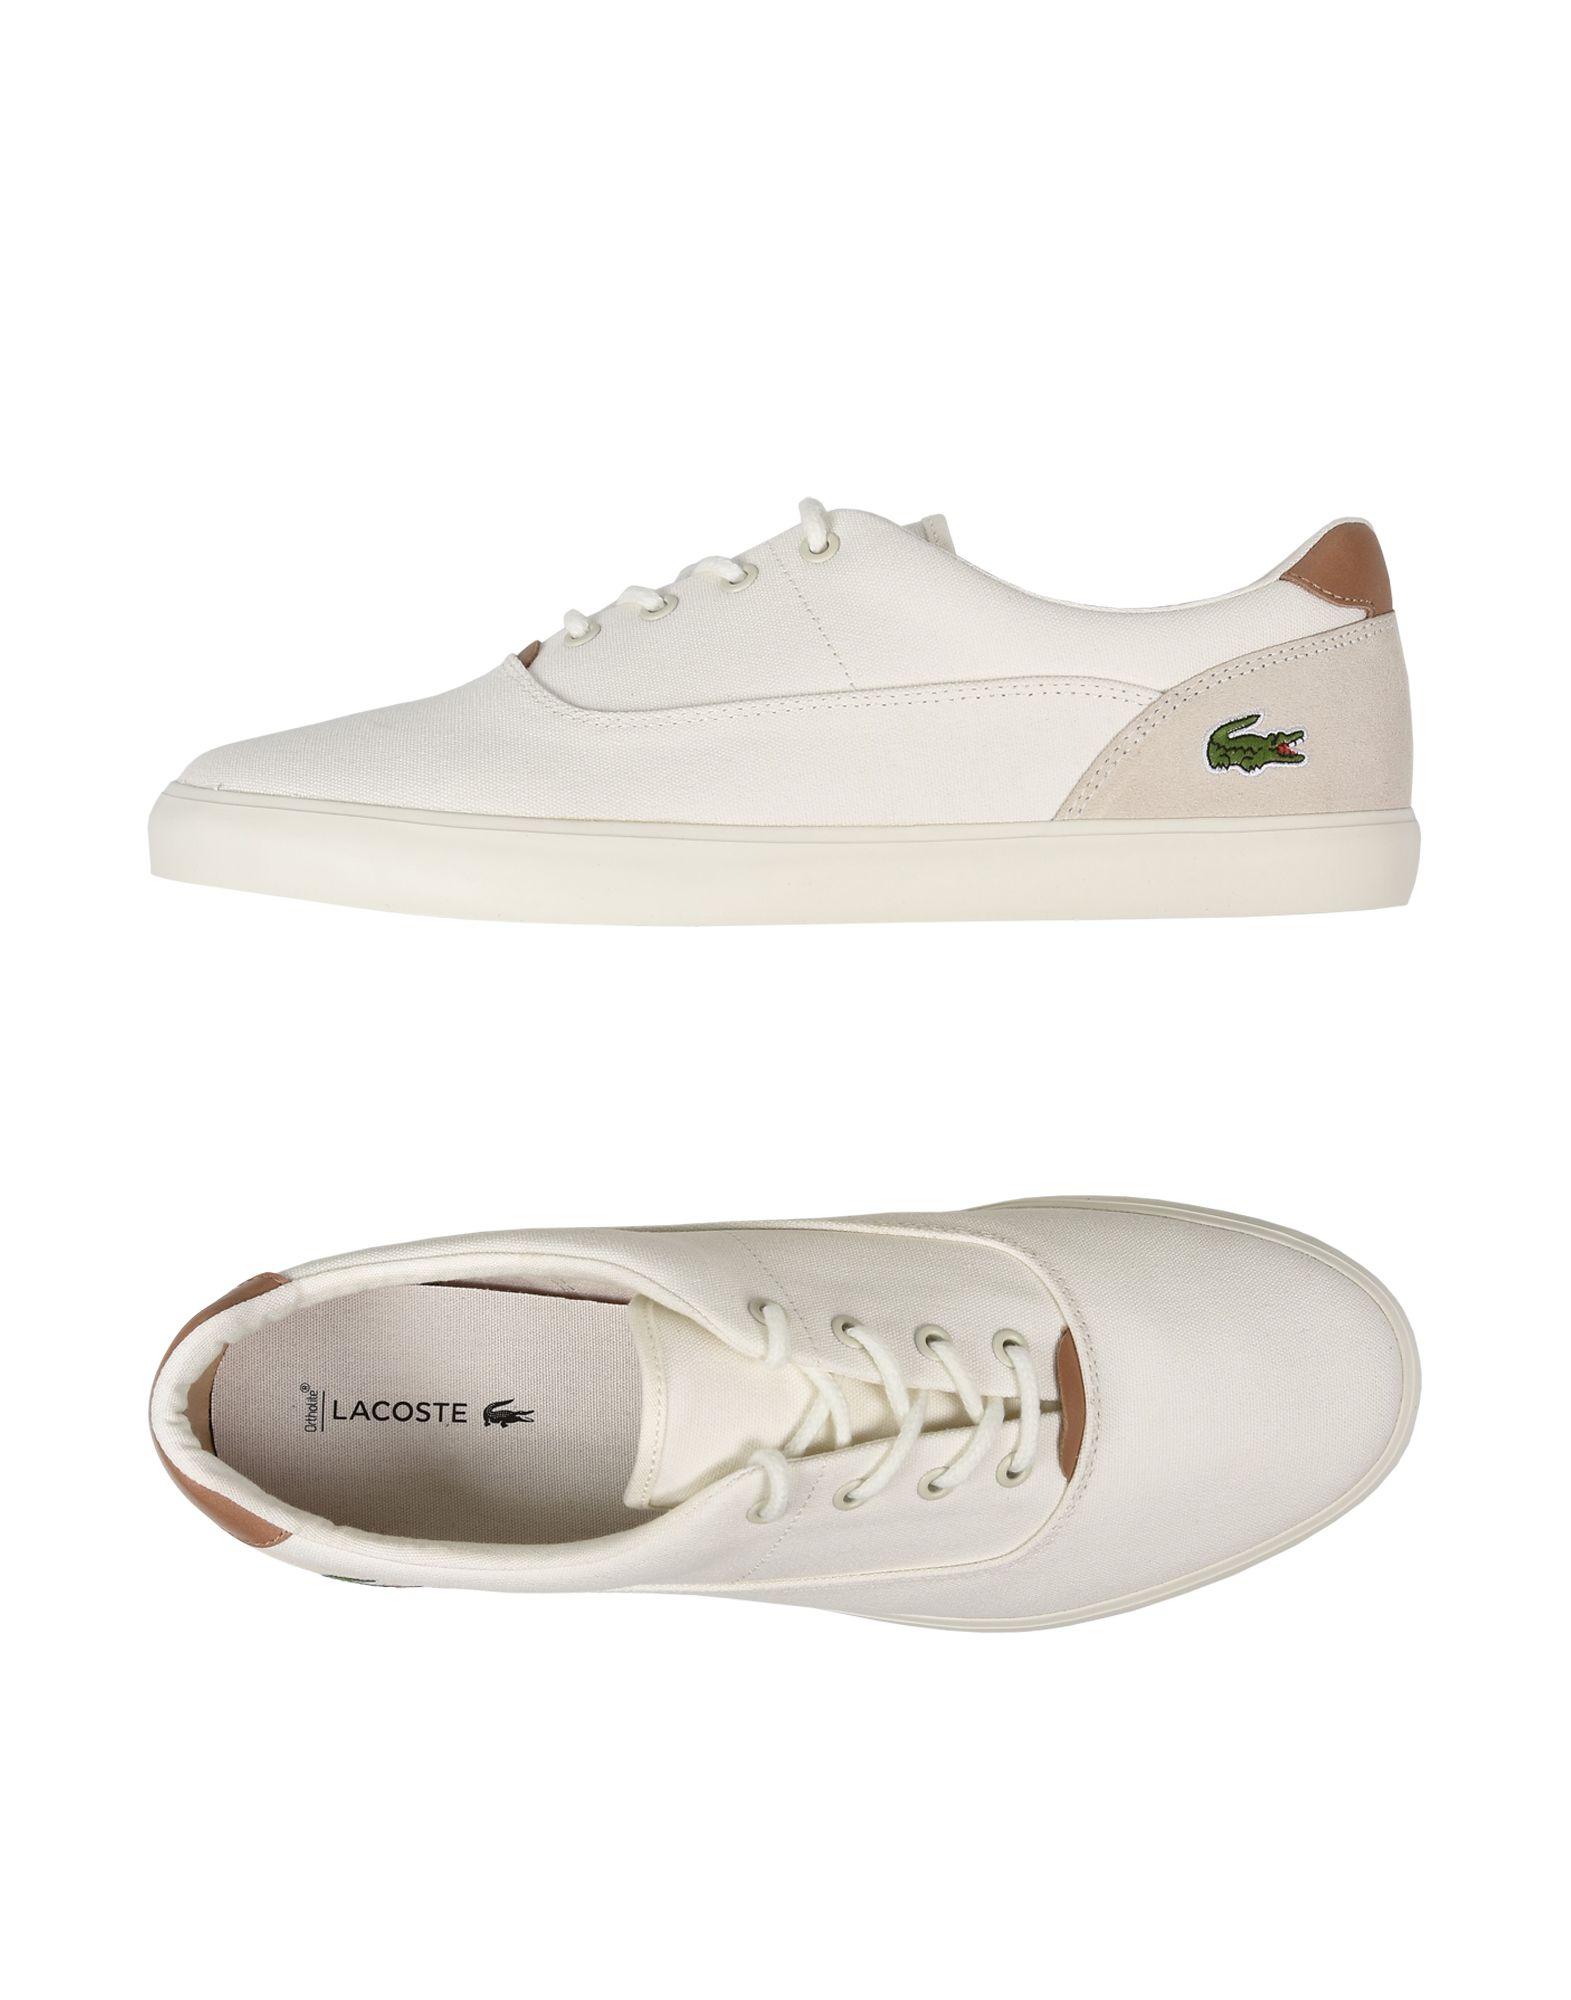 Sneakers Lacoste Uomo Jouer 316 1 - Uomo Lacoste - 11210832WF b88d99